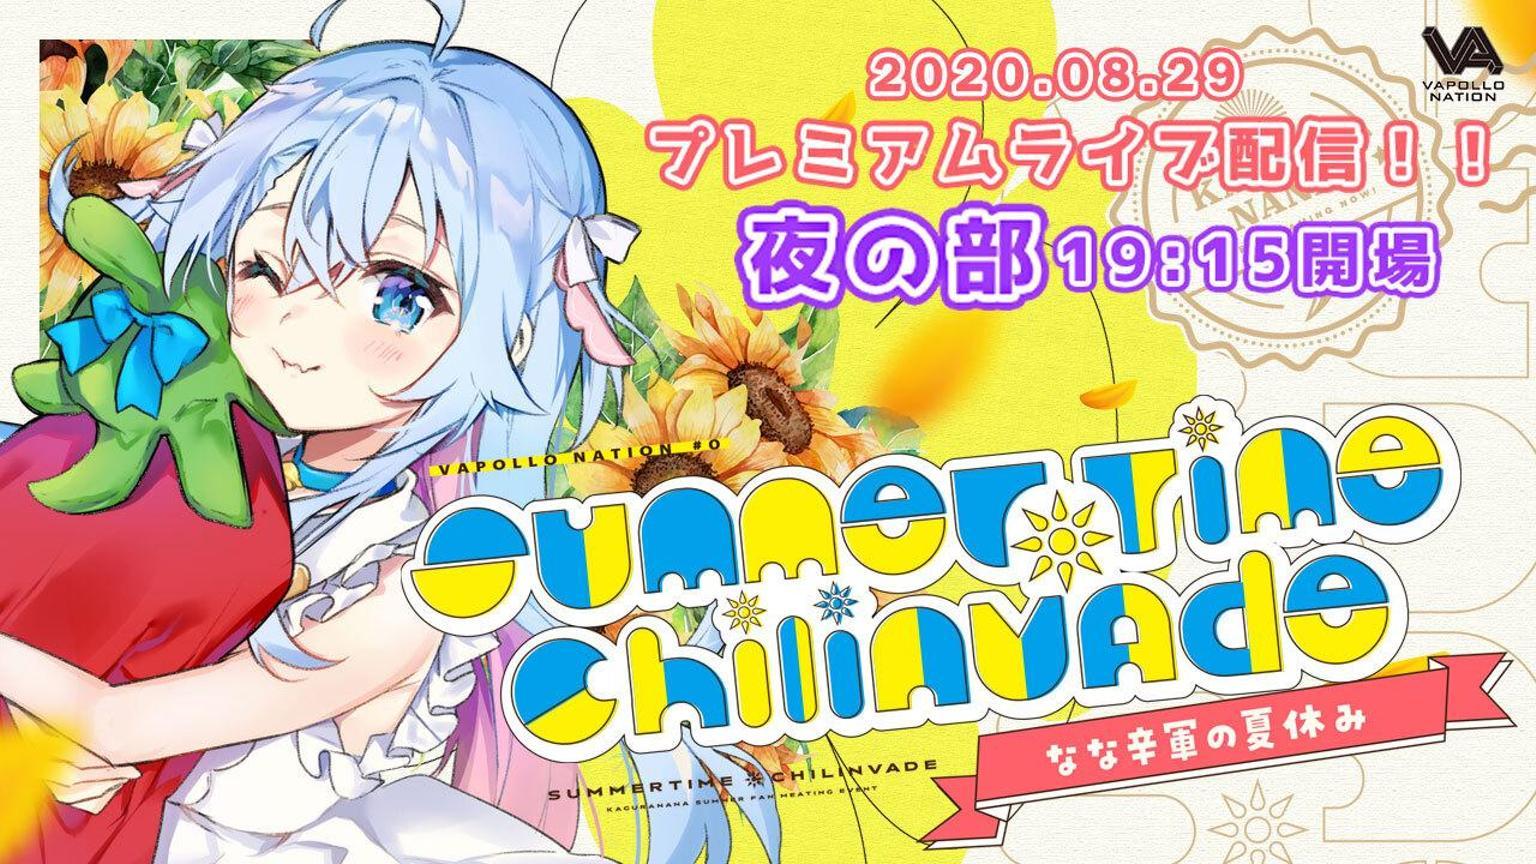 【夜の部】Summer time ❁ Chilinvade